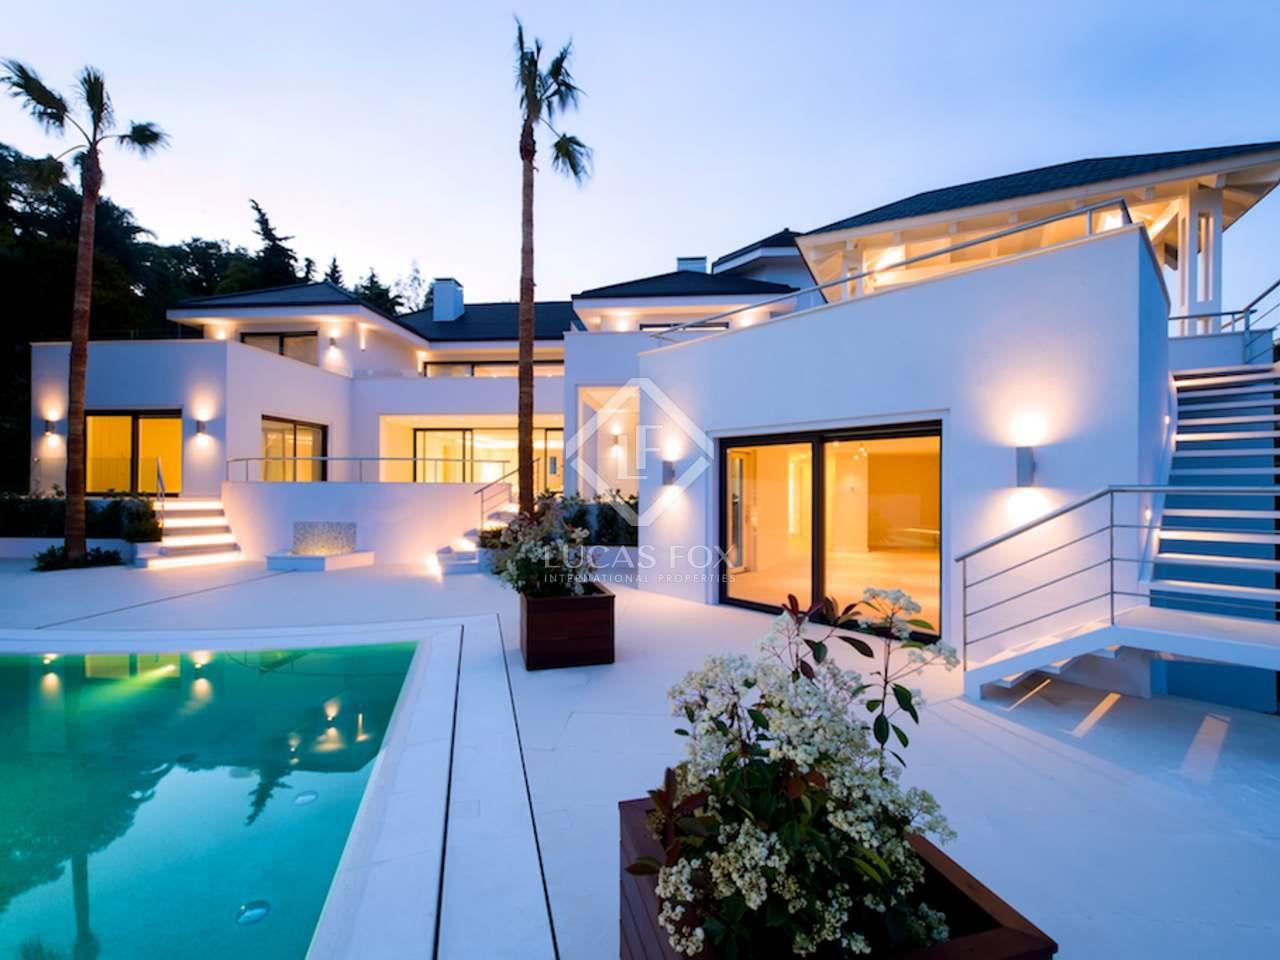 Wonderful villa for sale in la zagaleta marbella - Las mejores casas del mundo ...